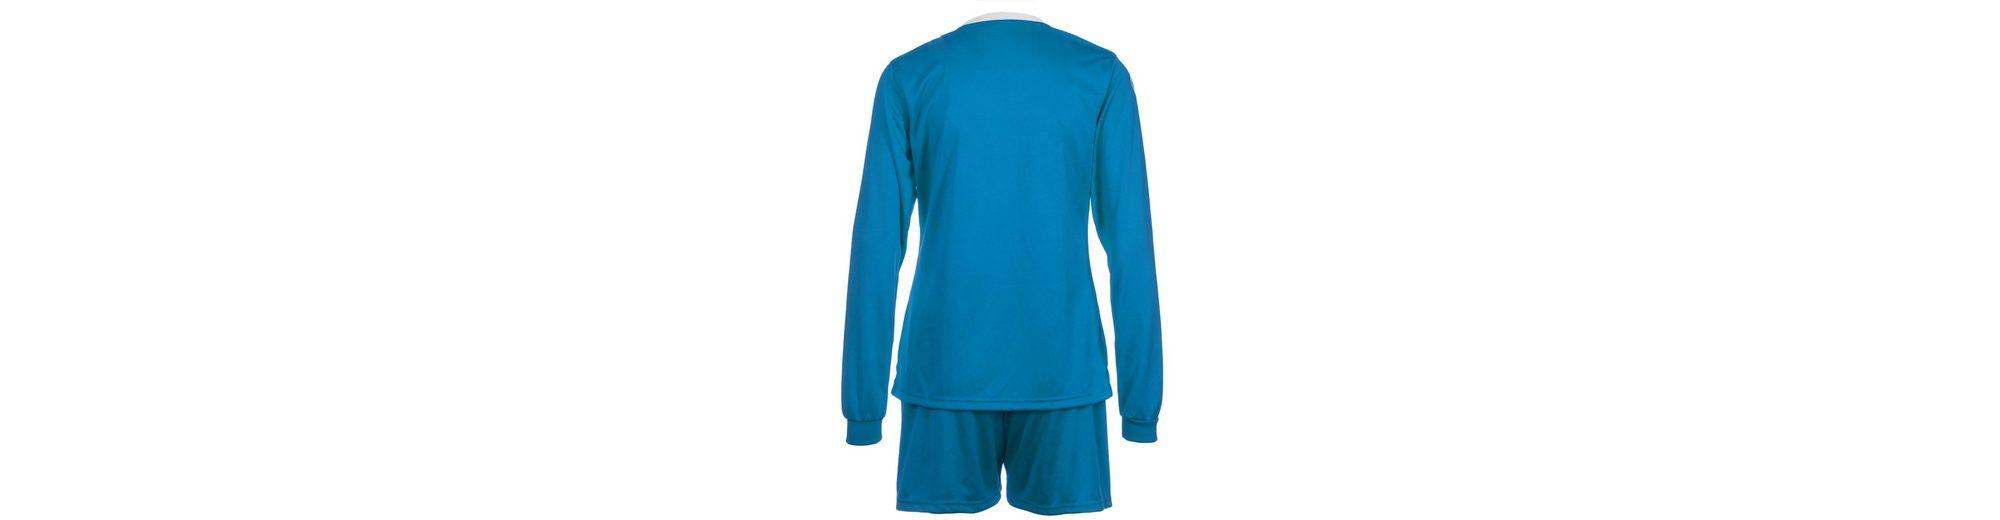 Viele Farben UHLSPORT Match Team Kit Longsleeve Damen Freies Verschiffen Echte Super Günstig Preis-Kosten Visa-Zahlung Zum Verkauf 5ohnBHhi